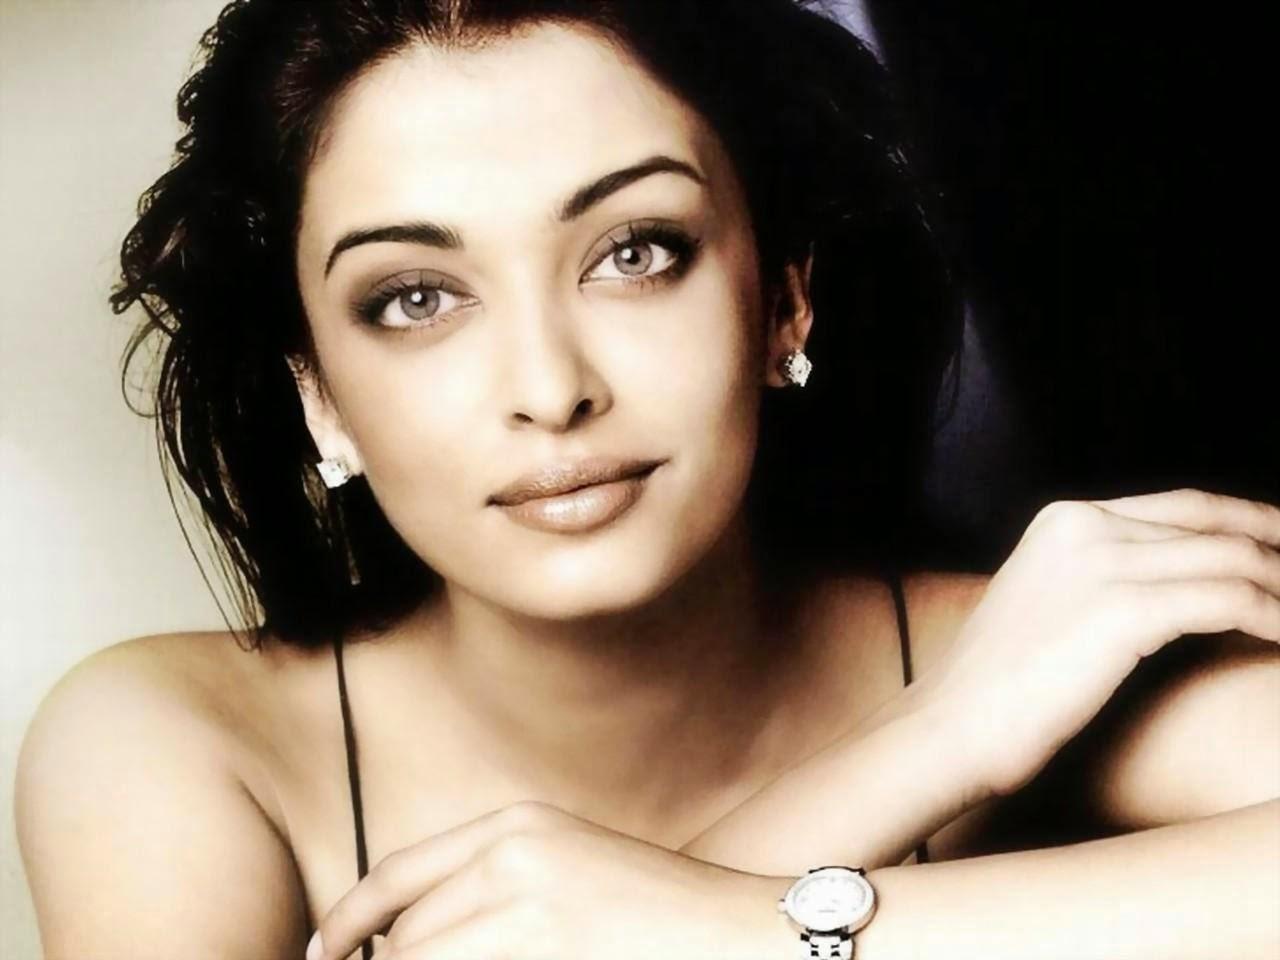 """<img src=""""http://2.bp.blogspot.com/-YIVX_cwJVho/VDBH1kcOrEI/AAAAAAAAA6Q/2X20bE3pi_Y/s1600/Aishwarya-Rai-Bachchan.jpeg"""" alt=""""Top 5 Most Beautiful Womens in the World 2014 to 2015"""" />"""